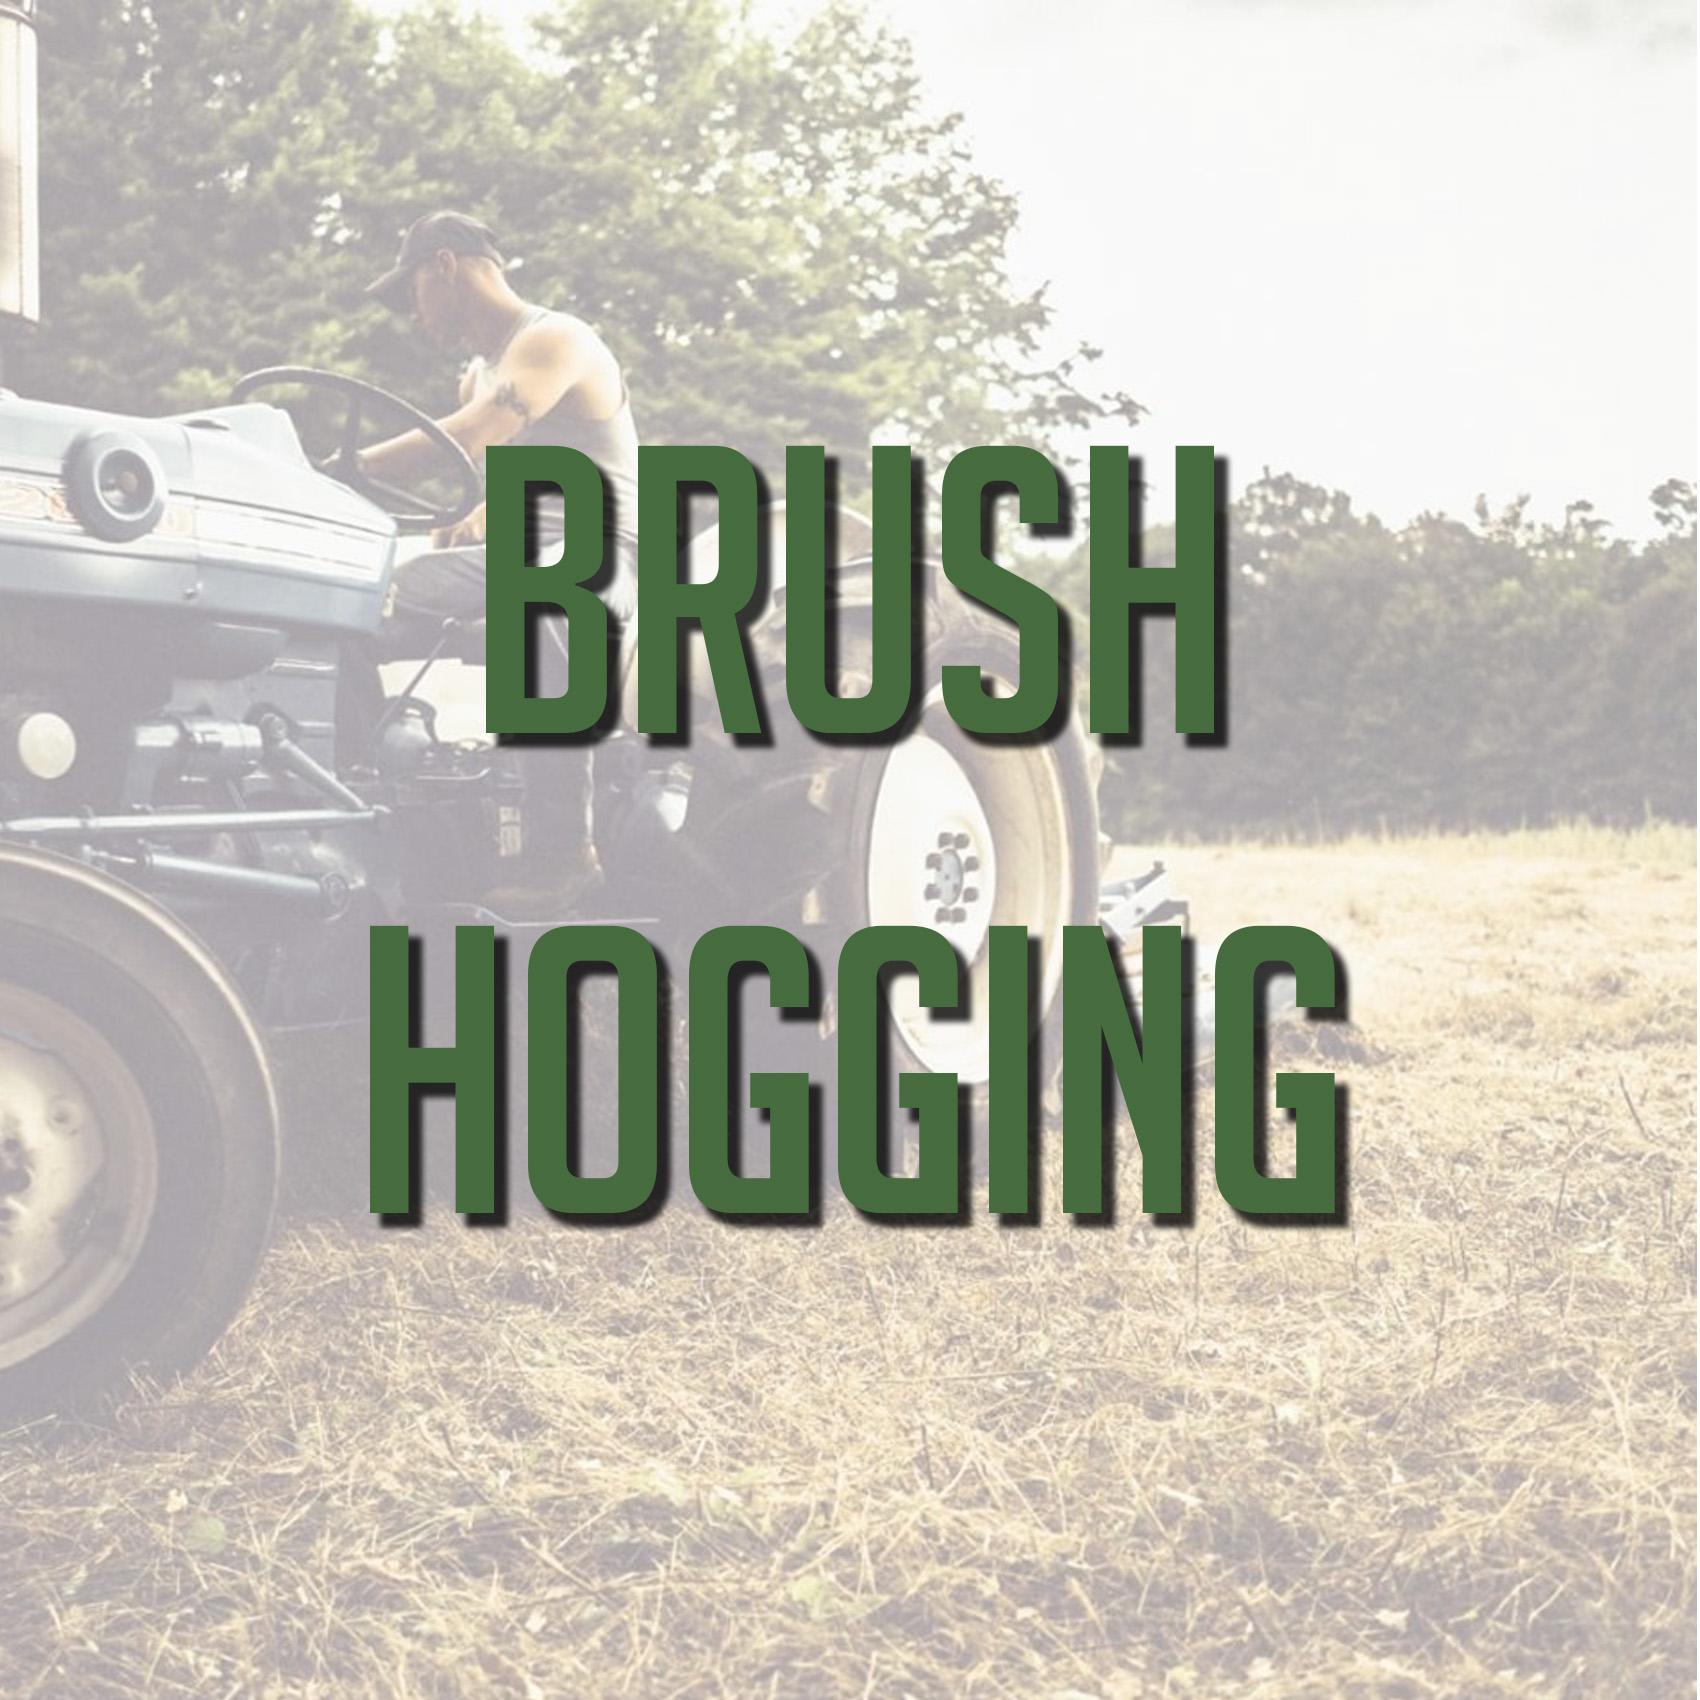 brushhogging.jpg